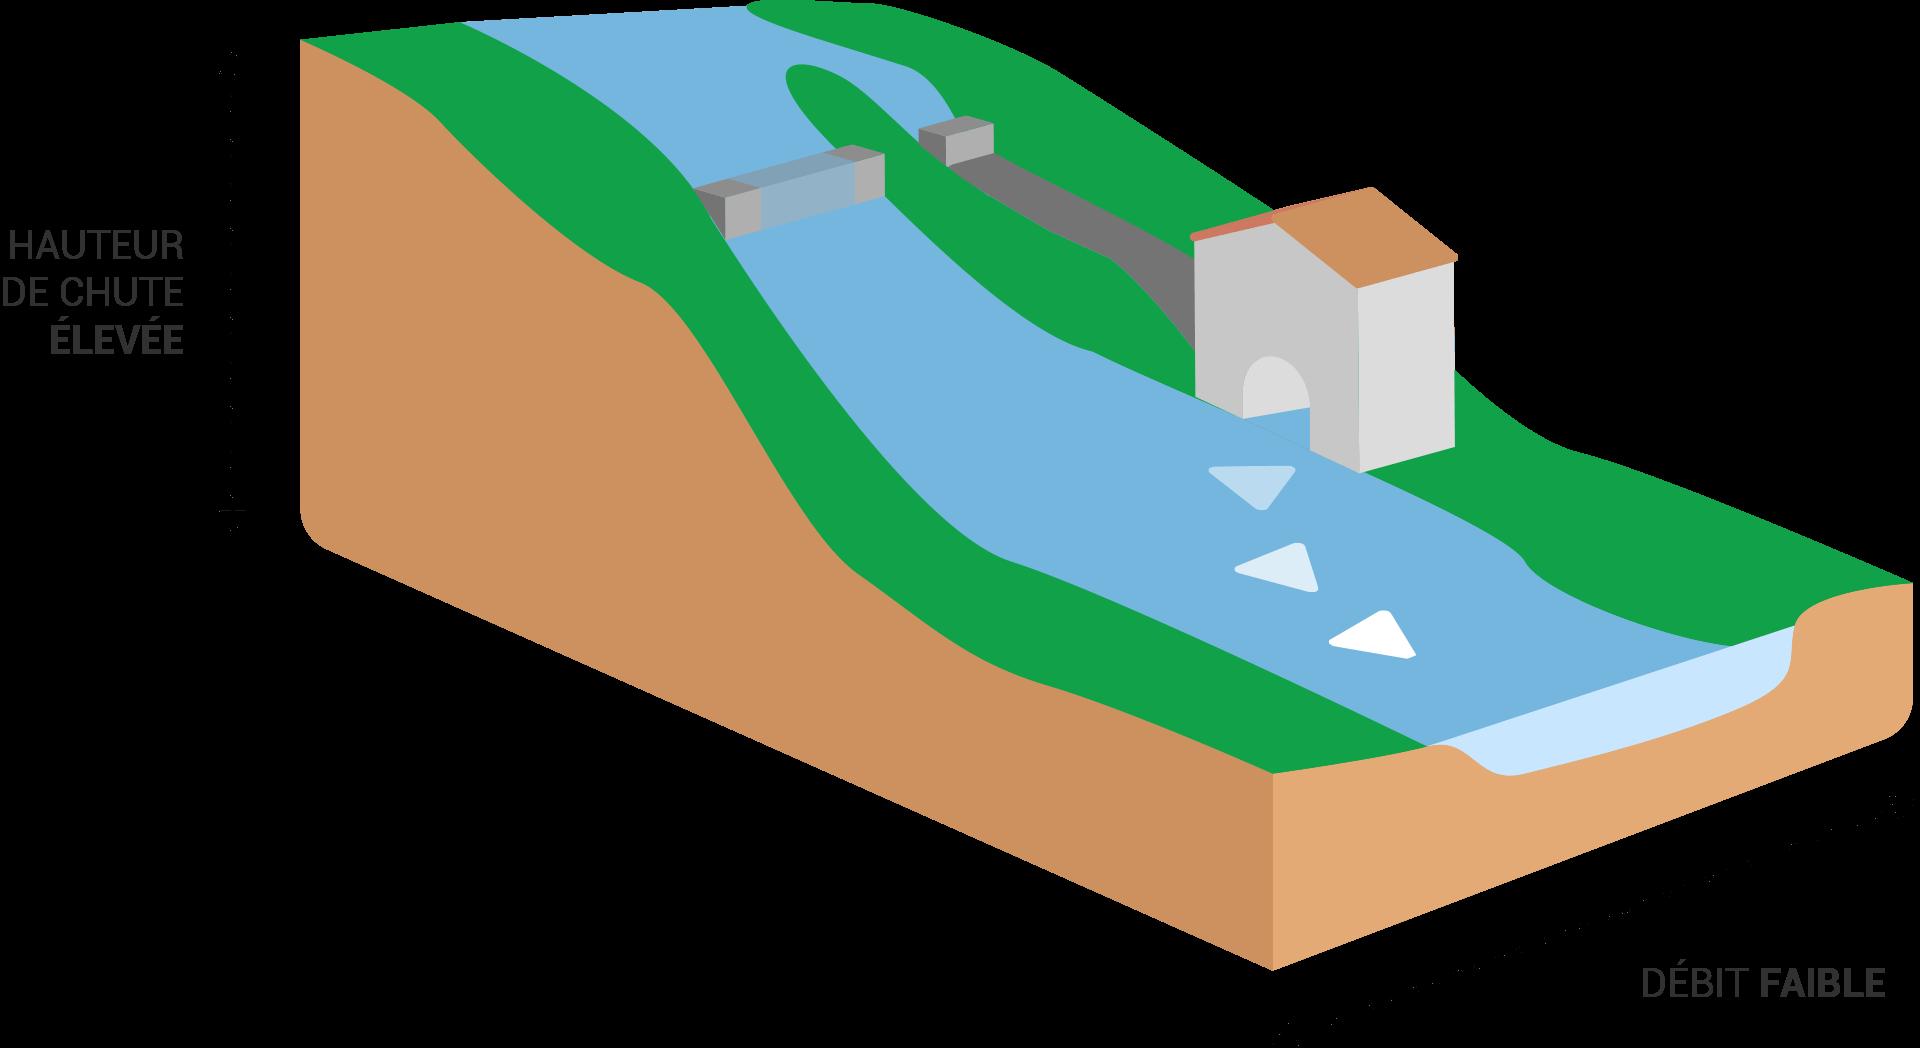 Schéma centrale de haute chute